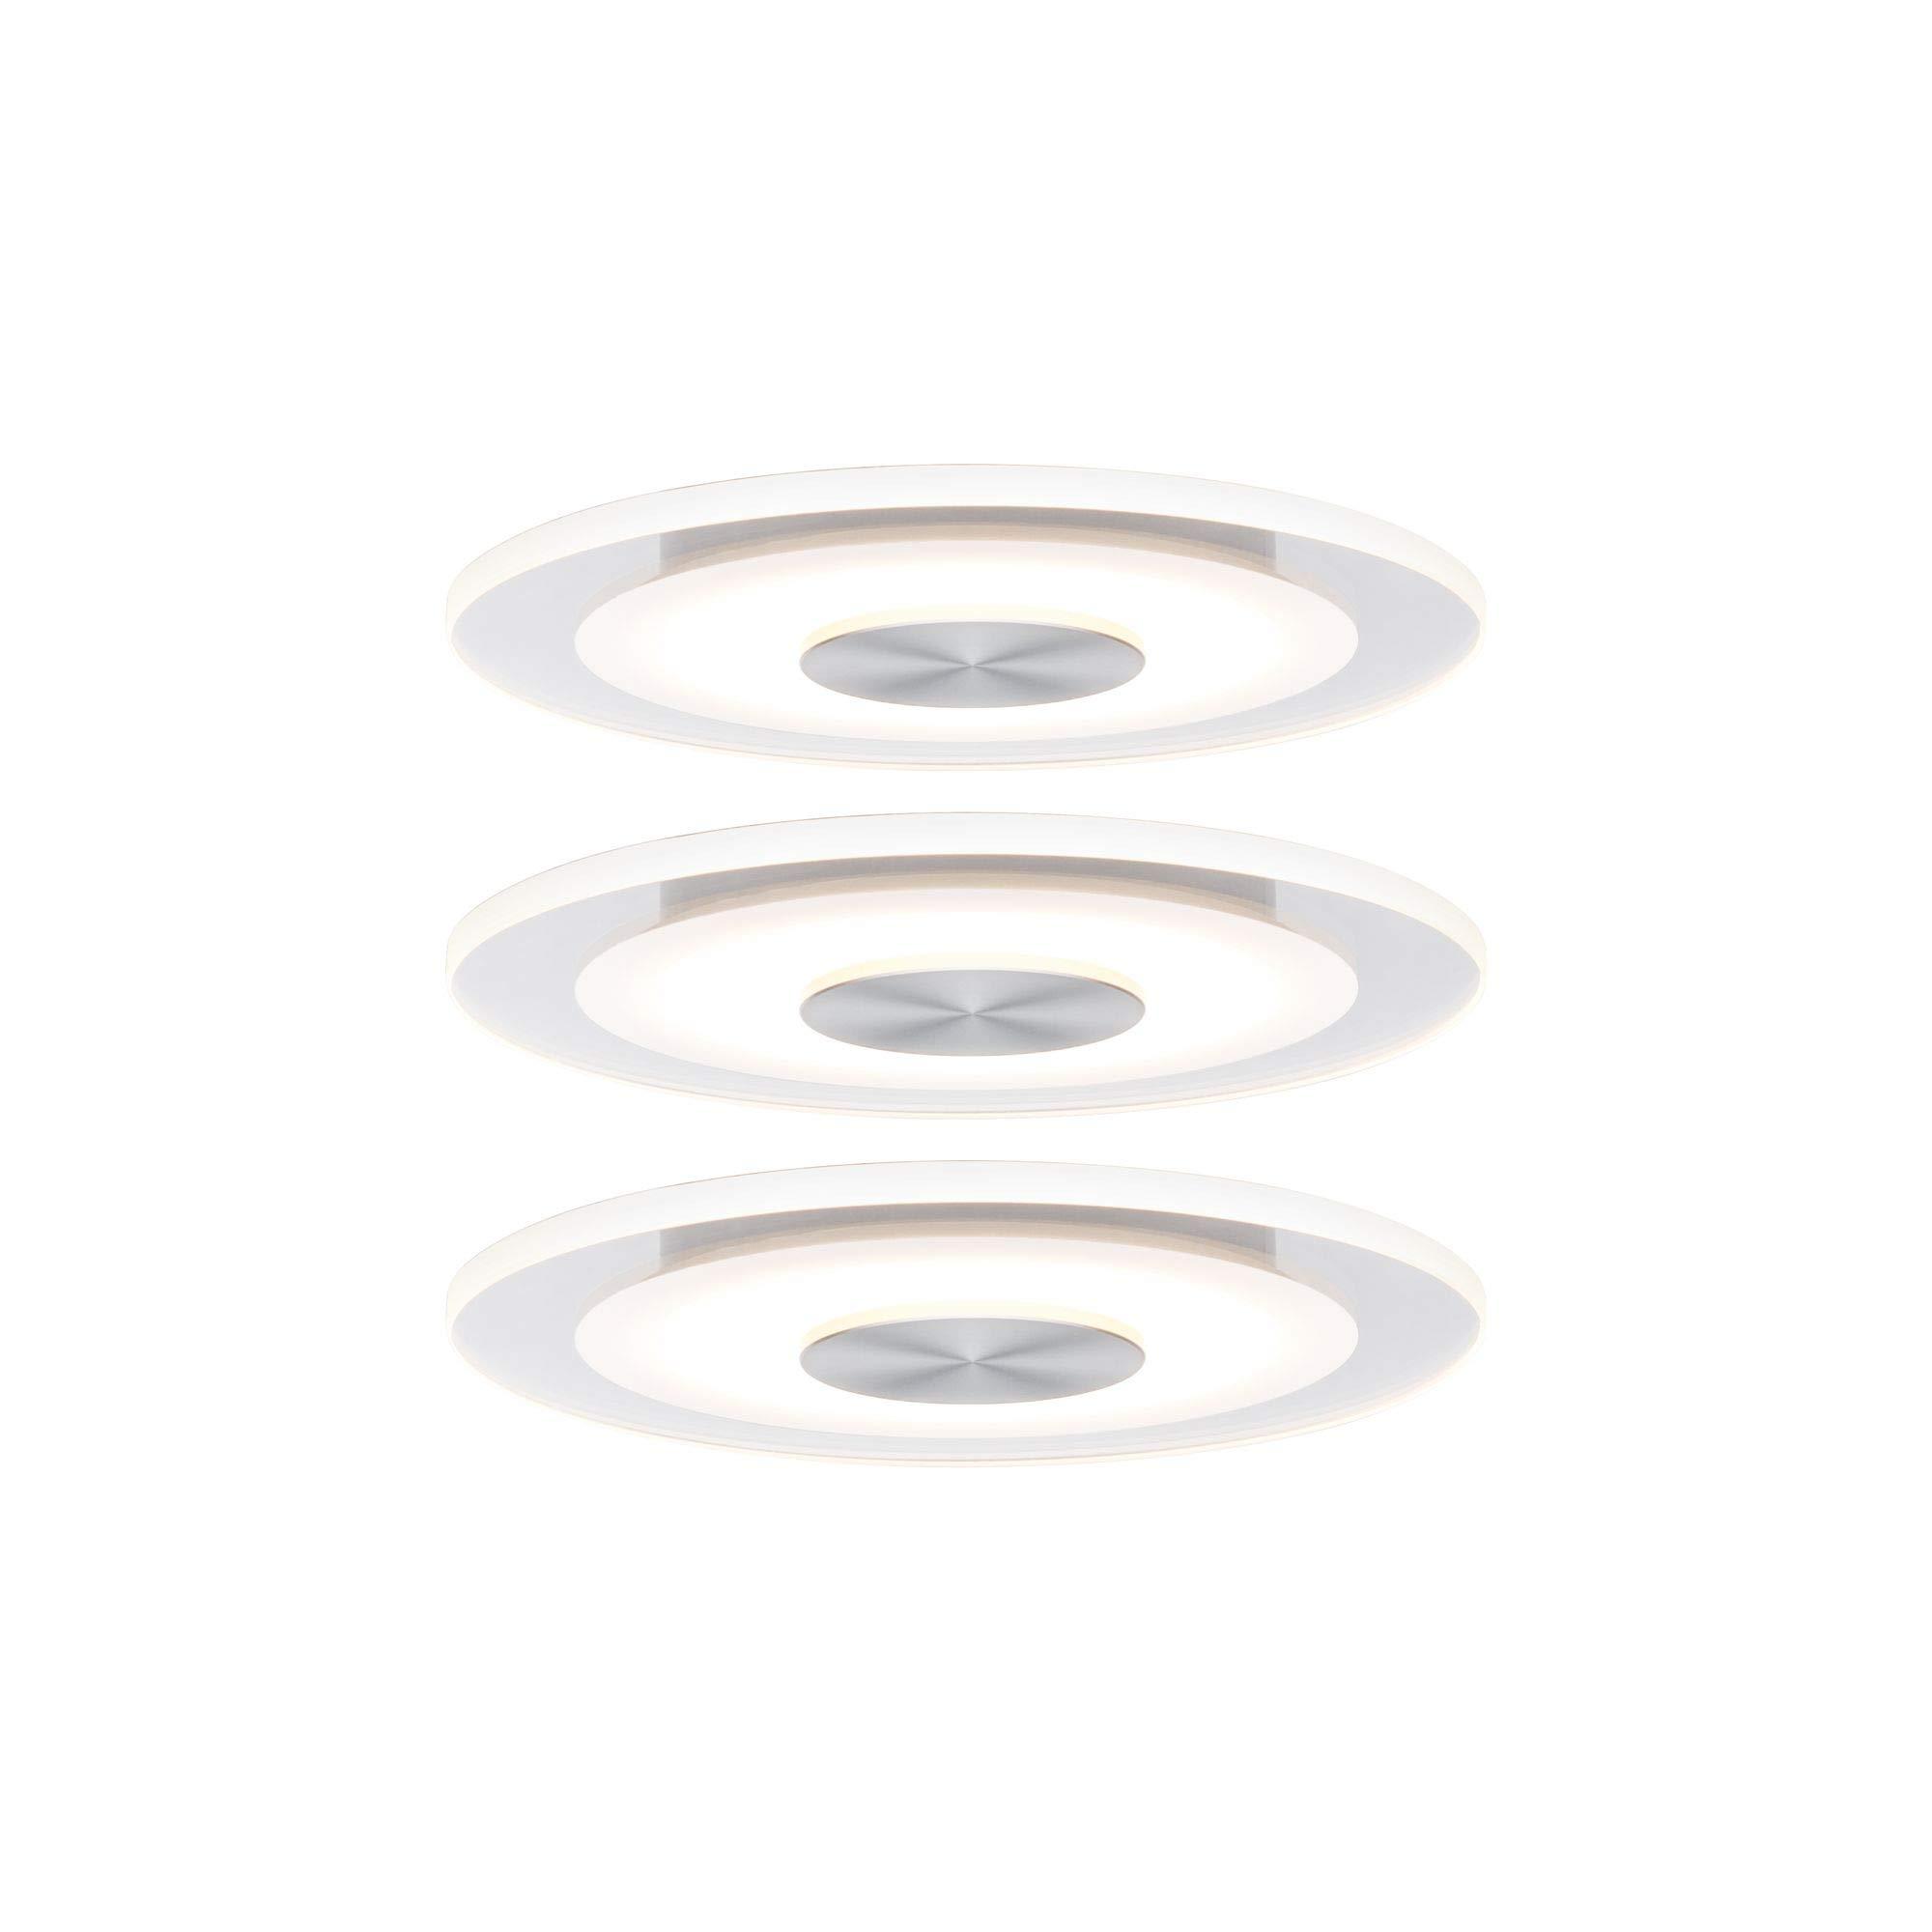 Paulmann 建设灯具套装优质 Rund (Einbauleuchte) 3er Set (Ø 120mm)